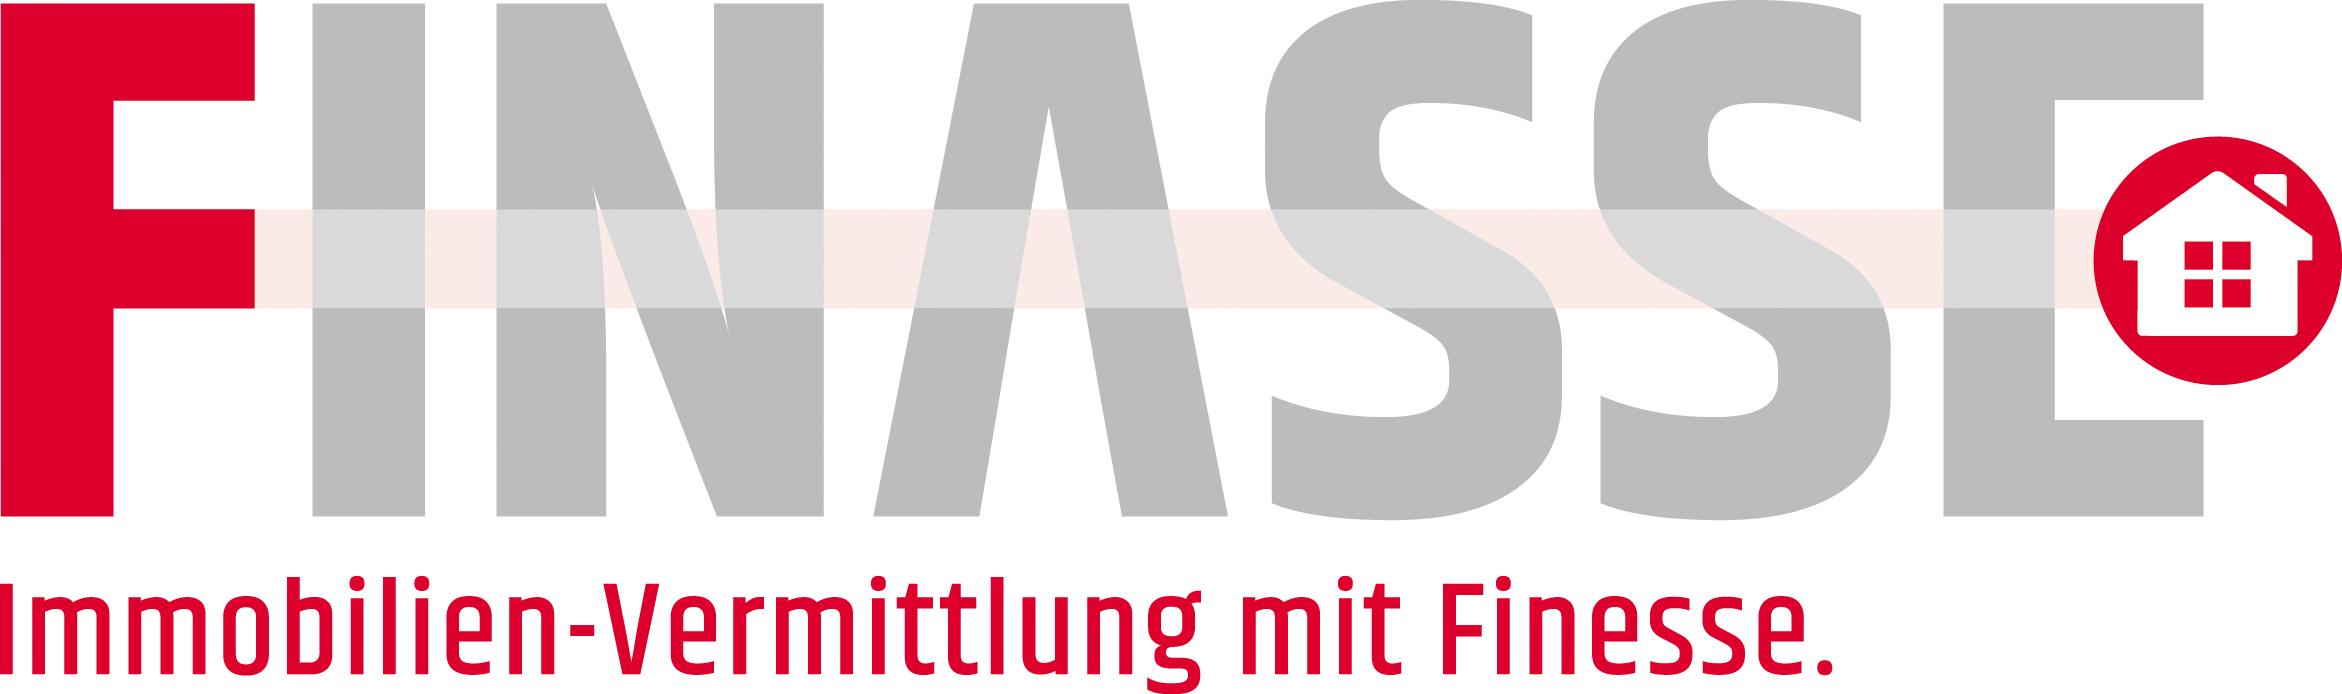 Hier sehen Sie das Logo von finasse Ltd.